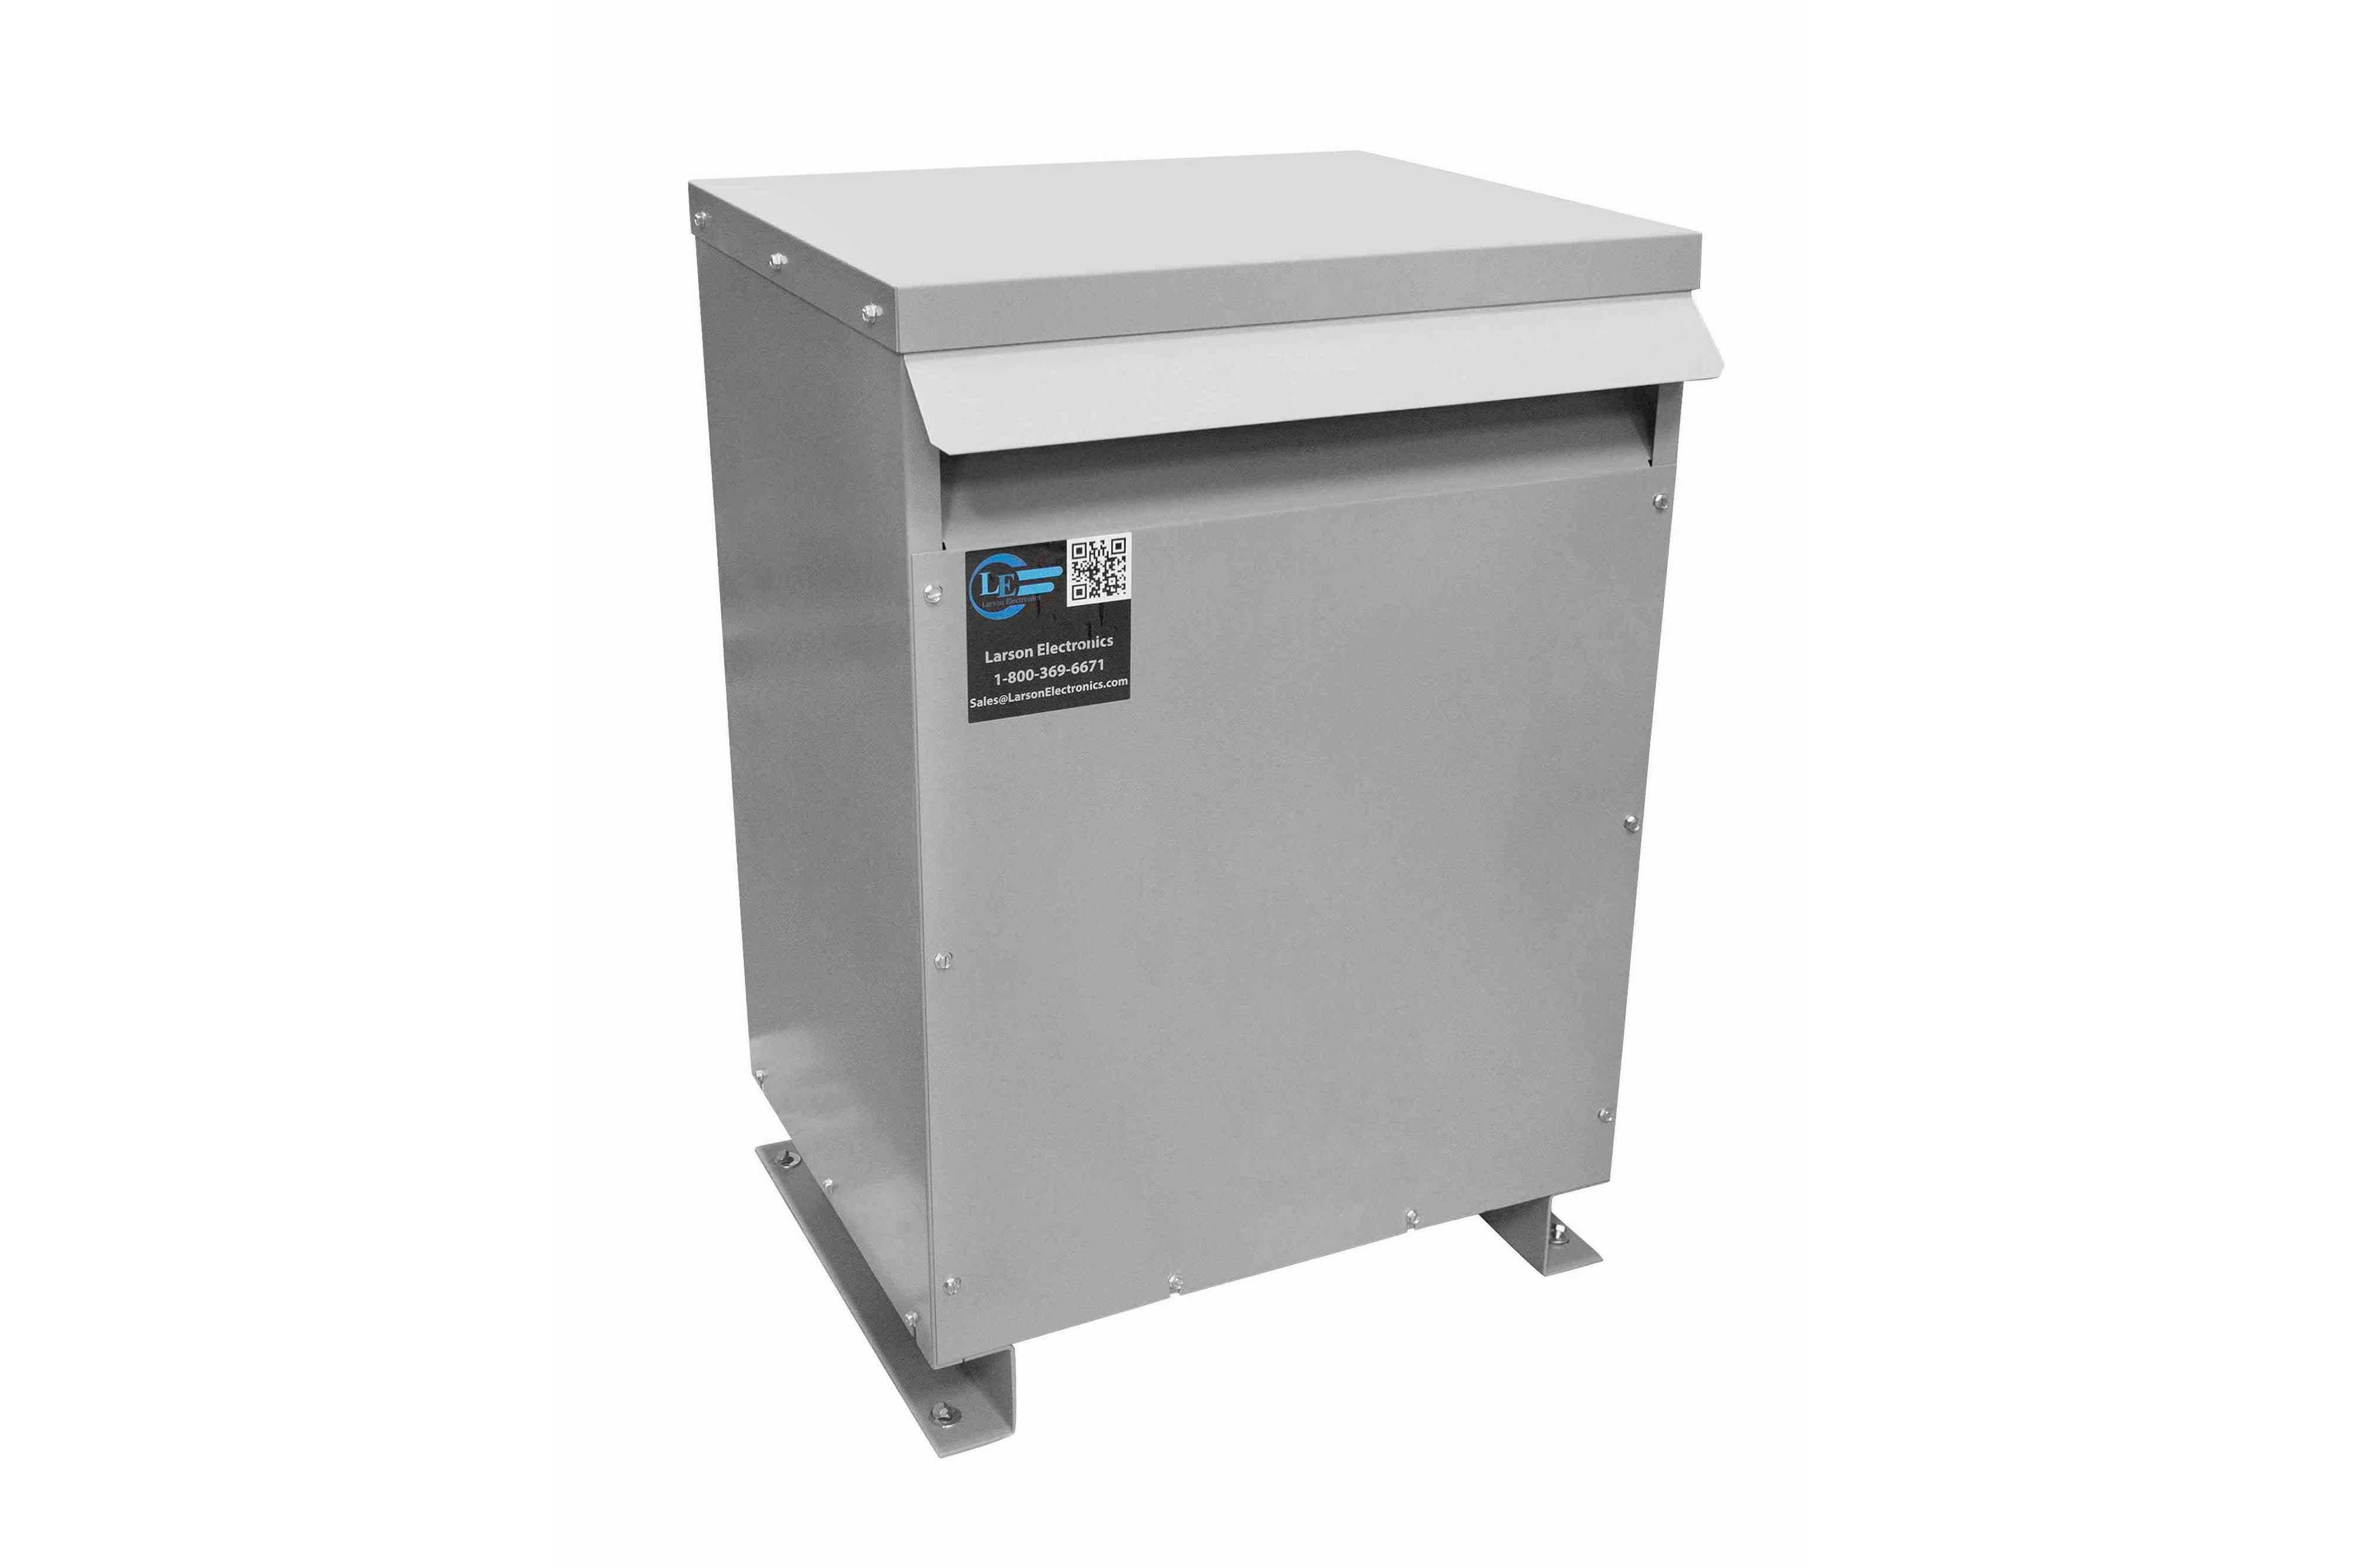 200 kVA 3PH Isolation Transformer, 600V Delta Primary, 208V Delta Secondary, N3R, Ventilated, 60 Hz